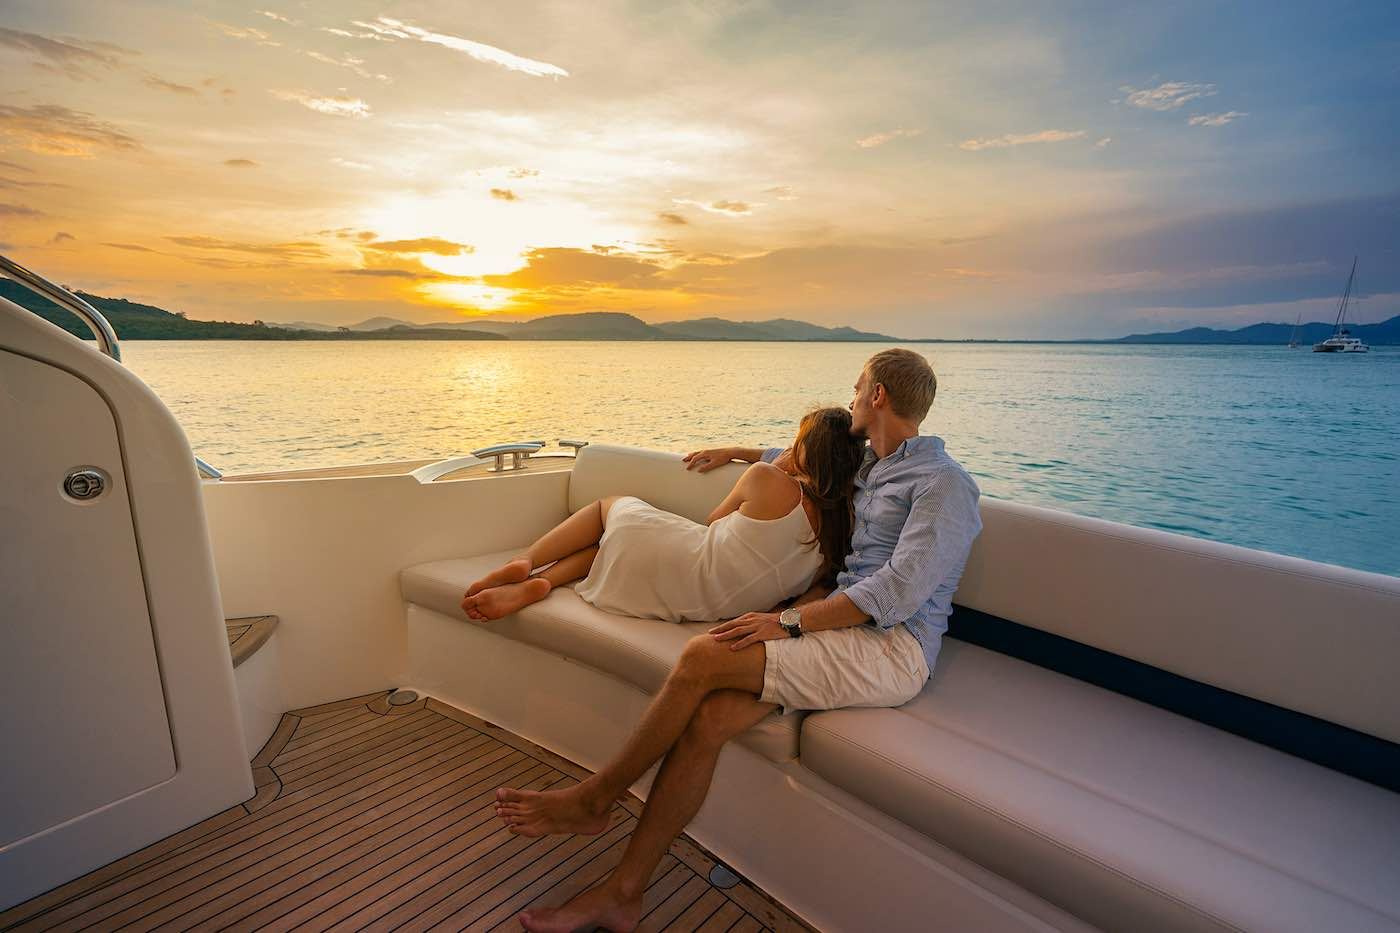 Así que tomad nota, es posible vivir una experiencia diferente en pareja, en Lovit Charter Puerto Banús, estarán encantados de disfrutar.